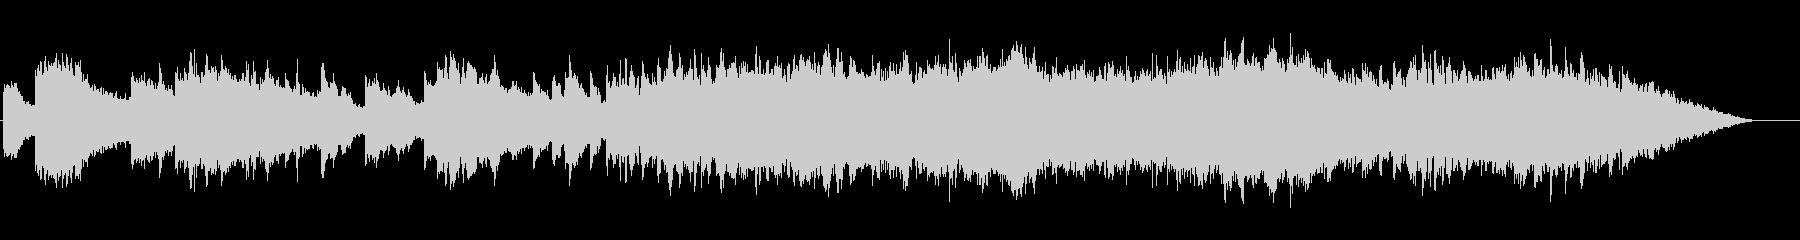 リバーブが効いたピアノのインストの未再生の波形